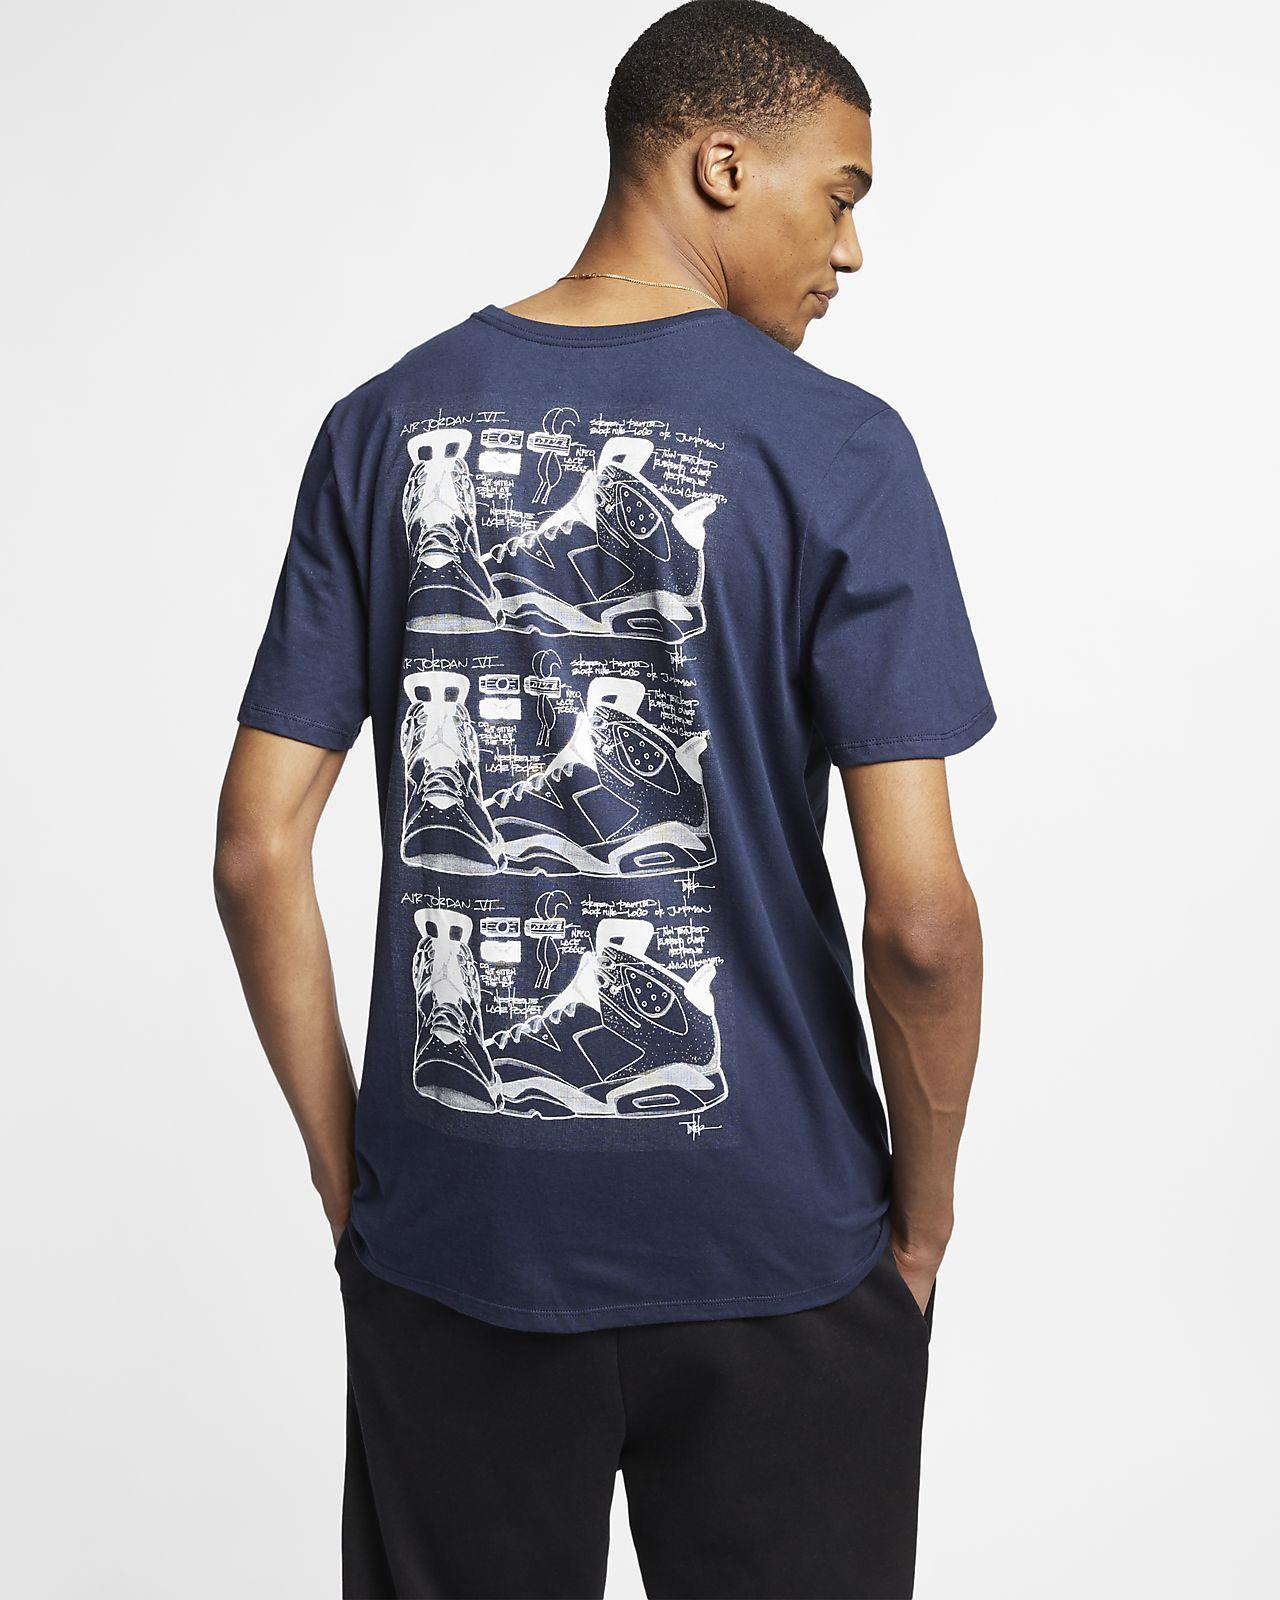 2fa1e07c2e6f Jordan Legacy AJ 6 Tinker Men s T-Shirt. Nike.com